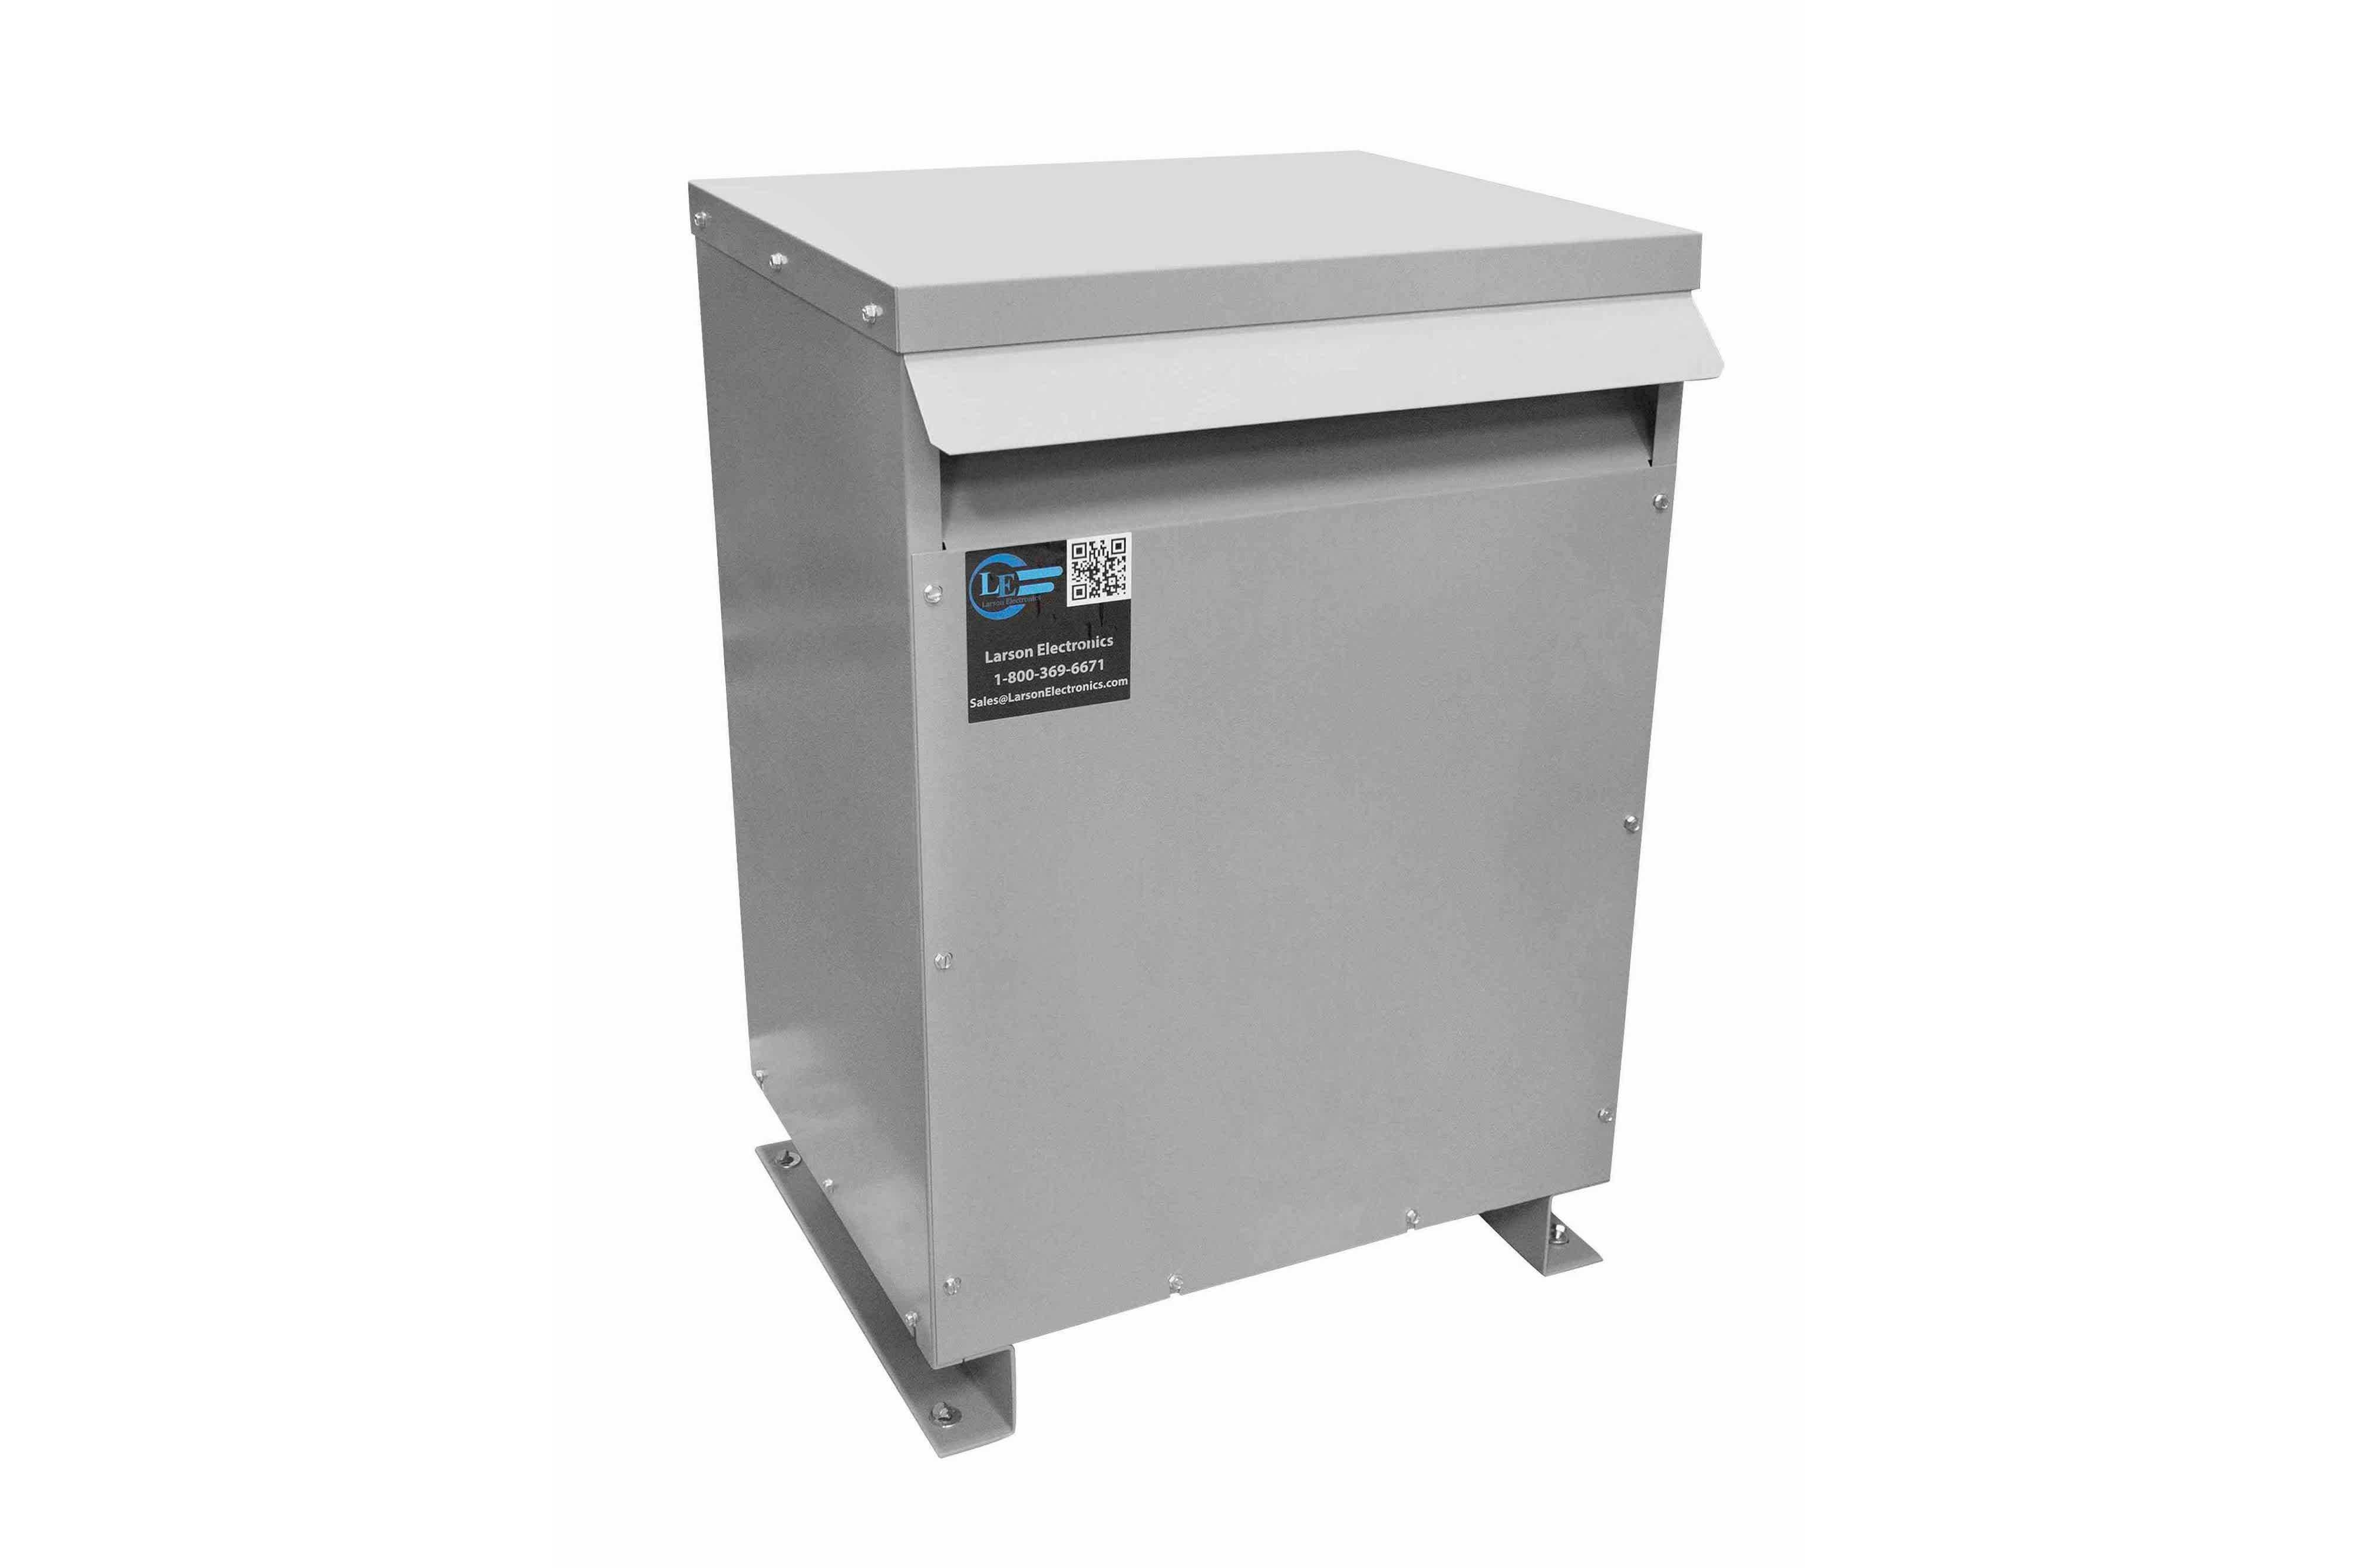 9 kVA 3PH Isolation Transformer, 380V Delta Primary, 208V Delta Secondary, N3R, Ventilated, 60 Hz